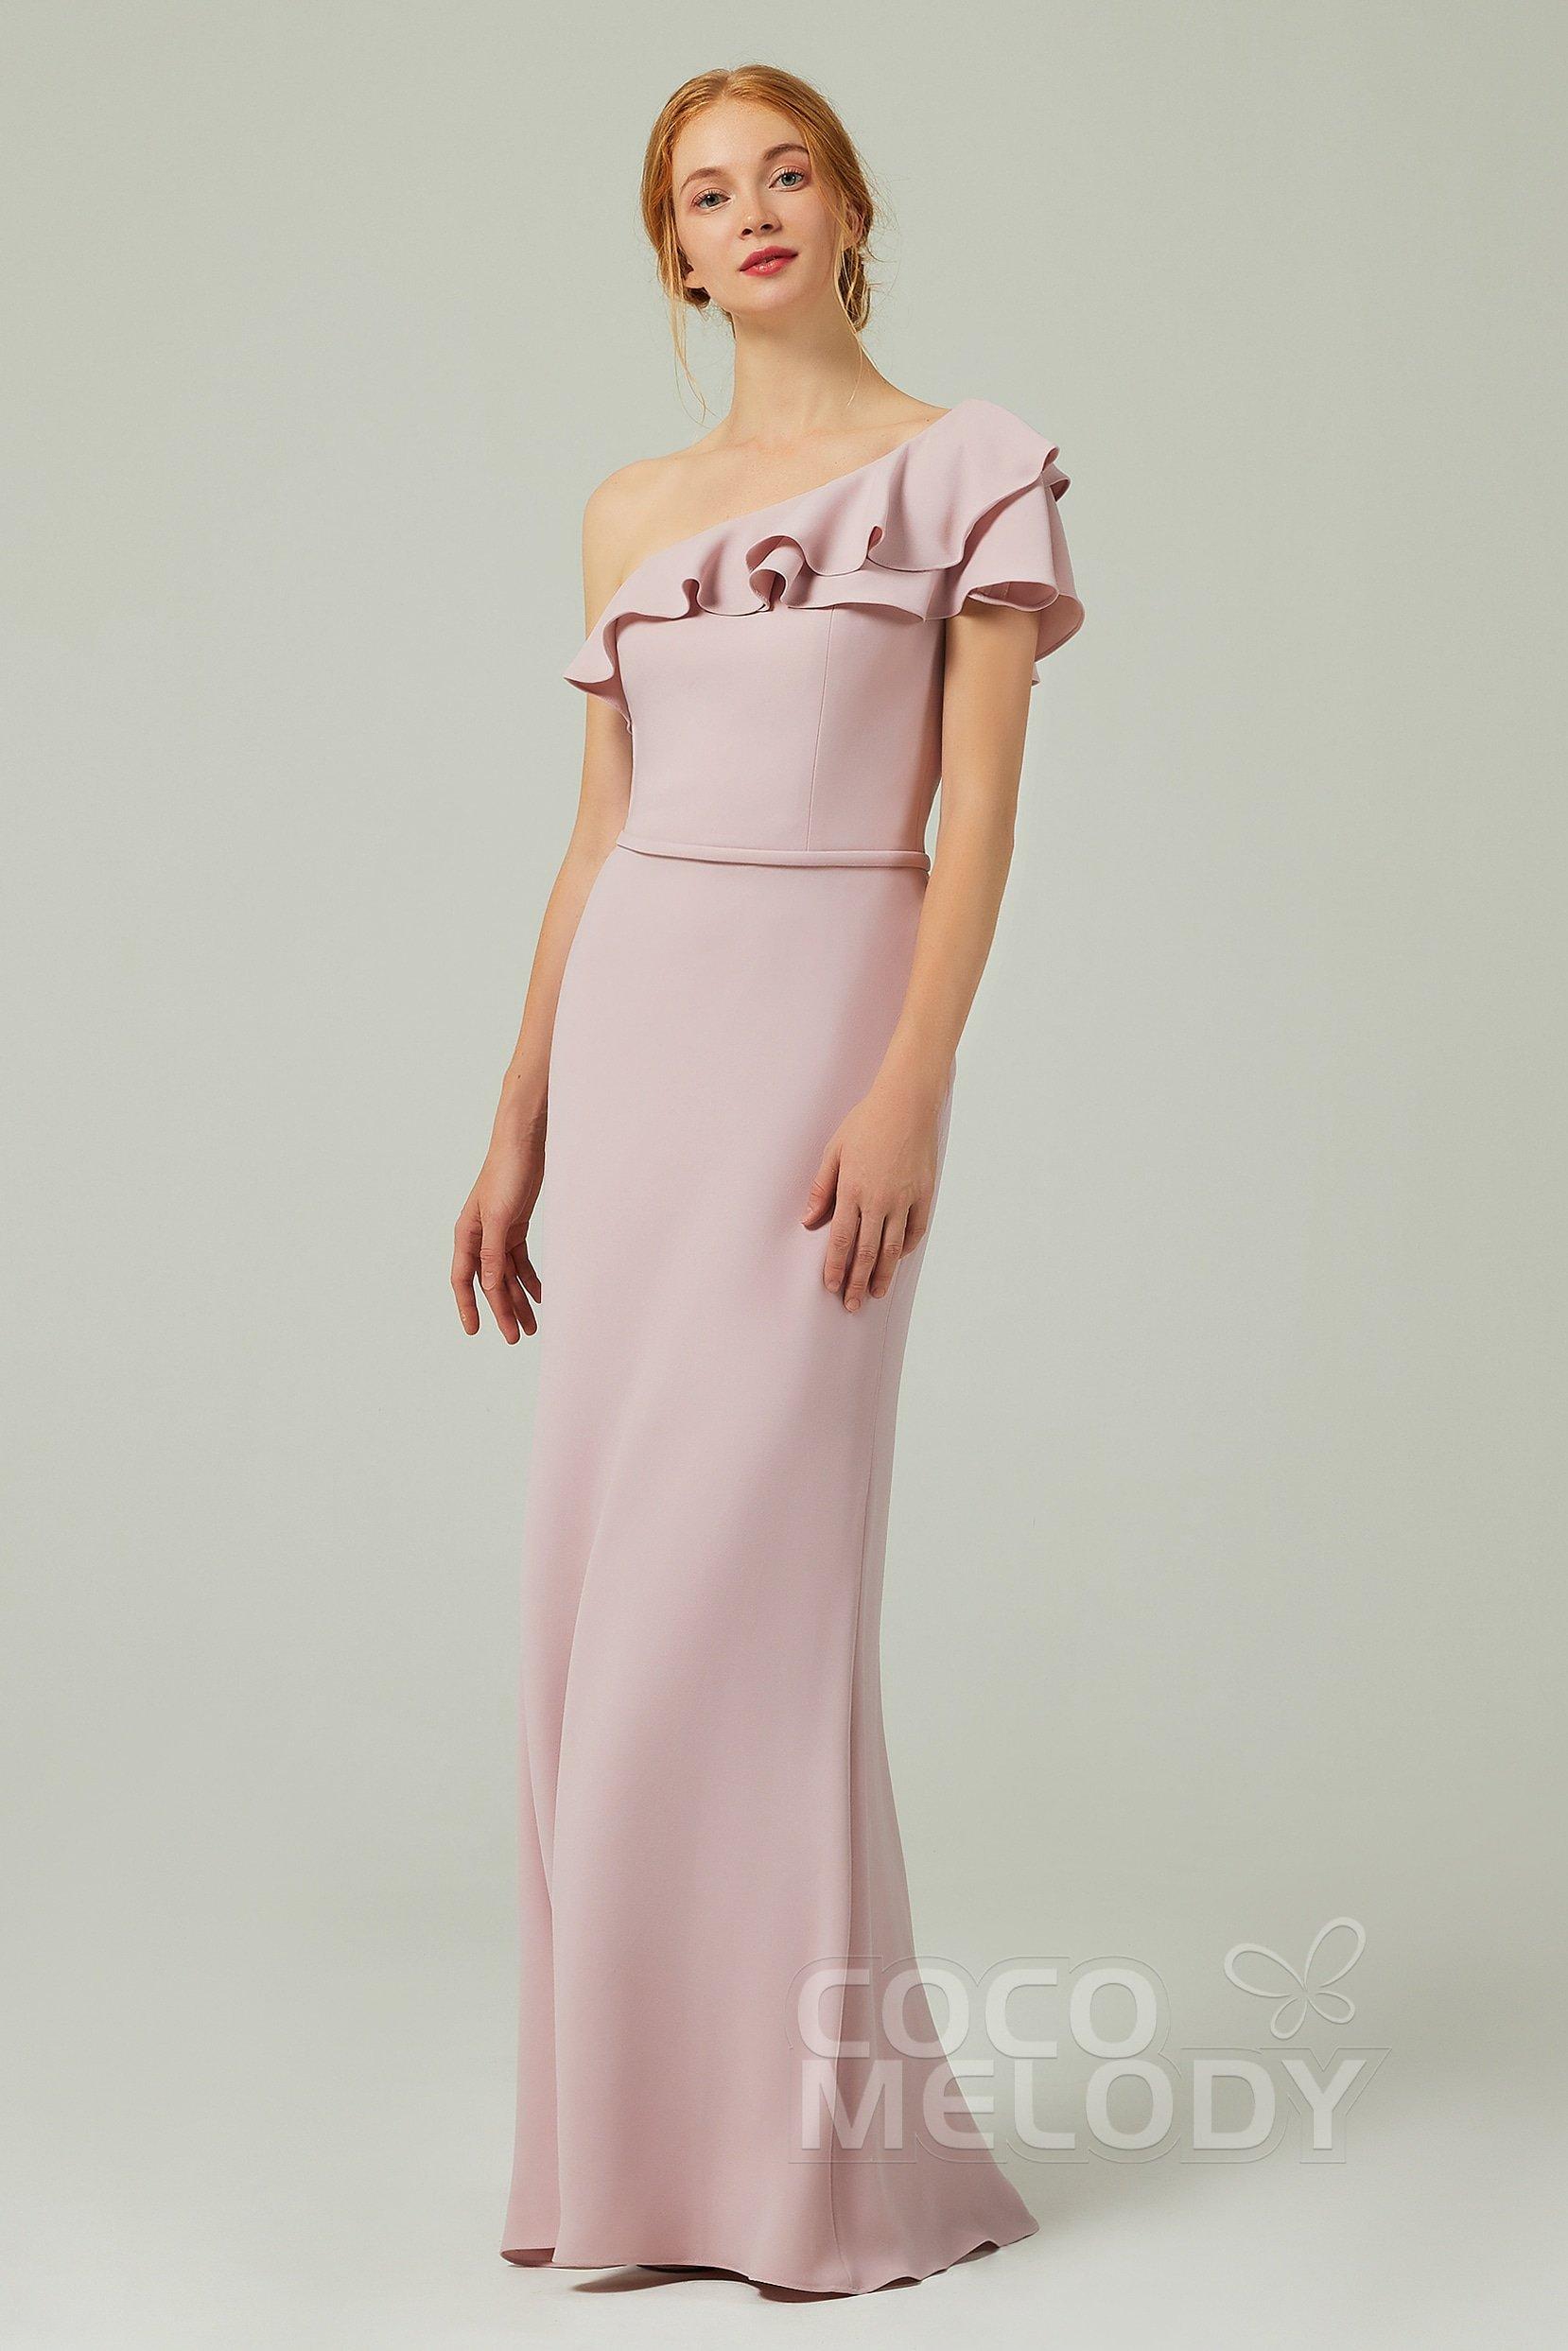 Plus Size Turquoise Bridesmaid Dresses Uk